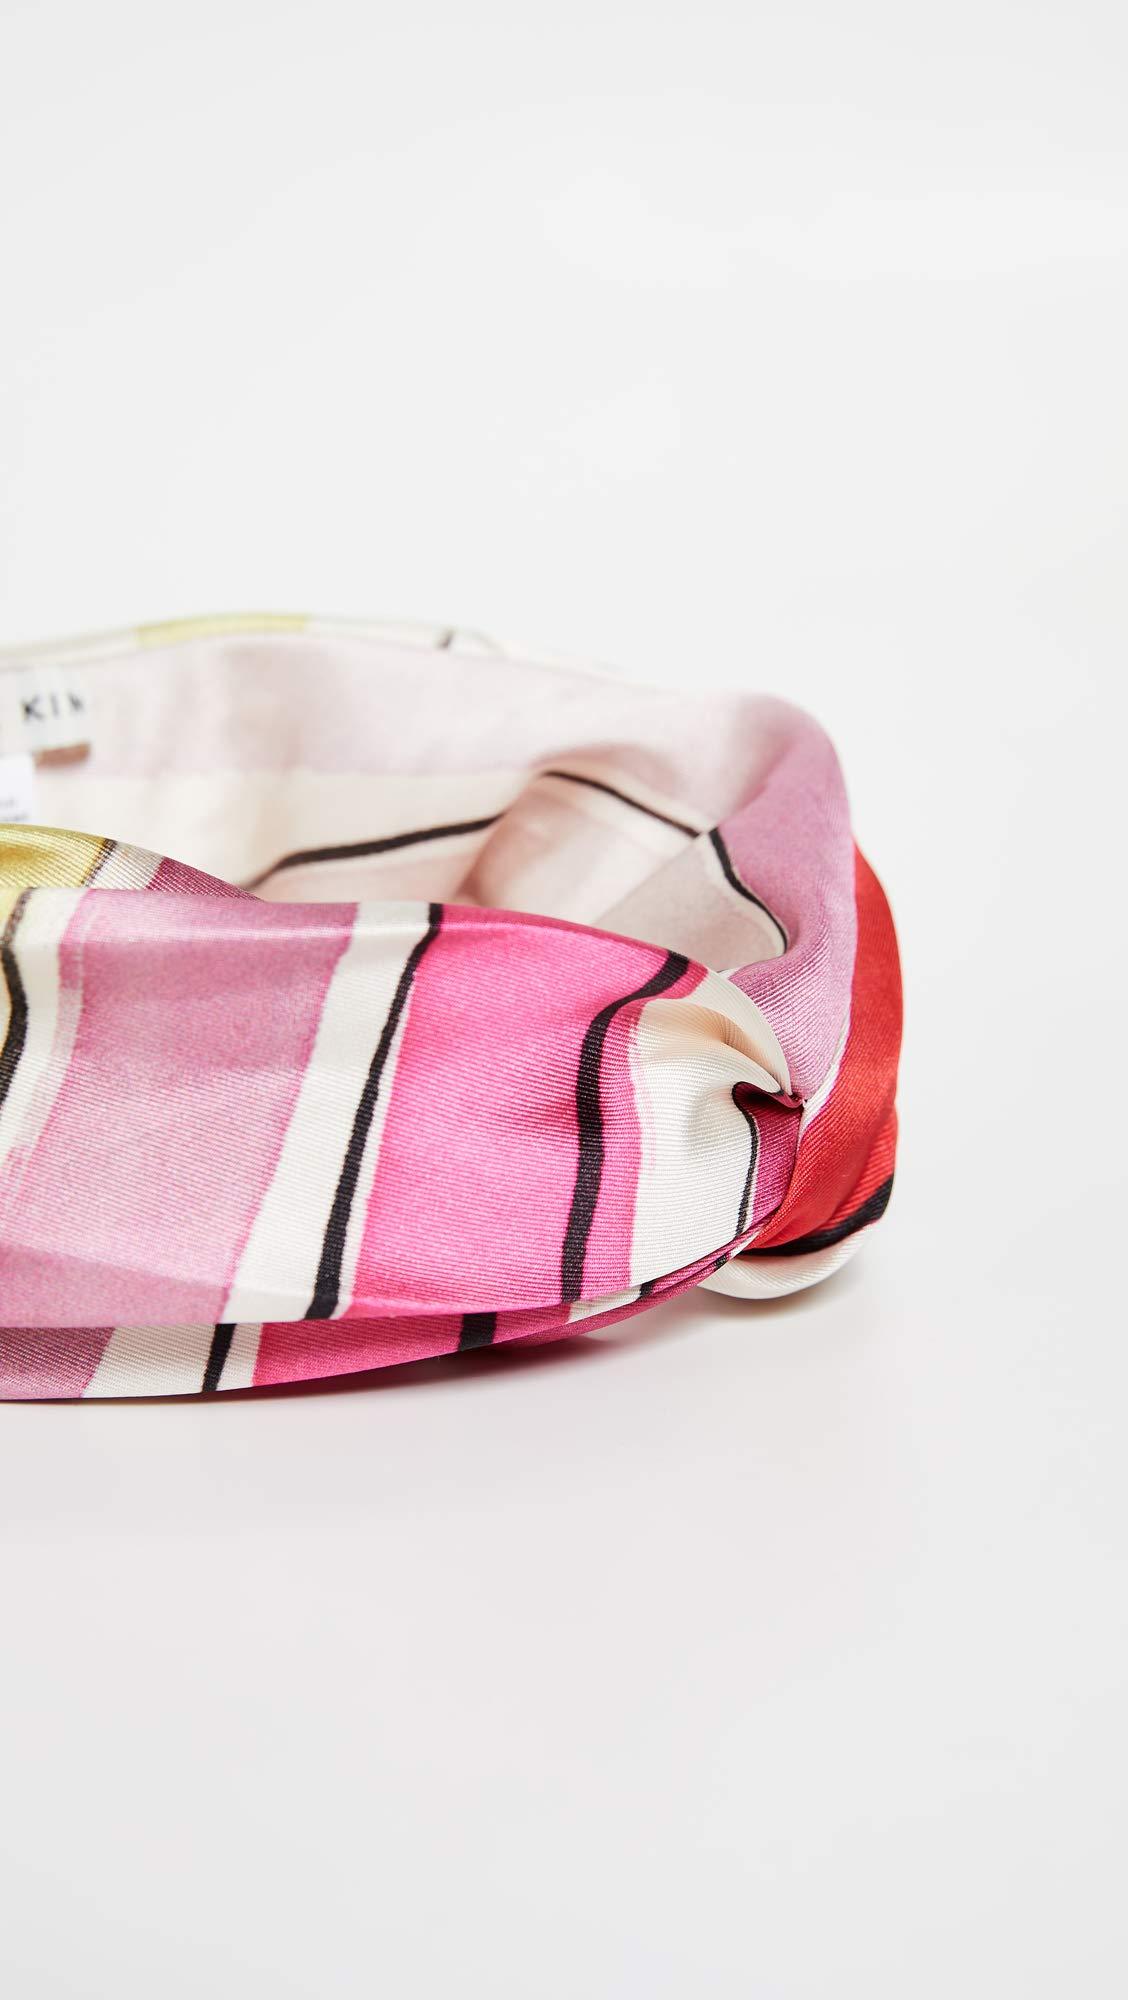 Eugenia Kim Women's Malia Headband, Pink/Red, One Size by Eugenia Kim (Image #4)